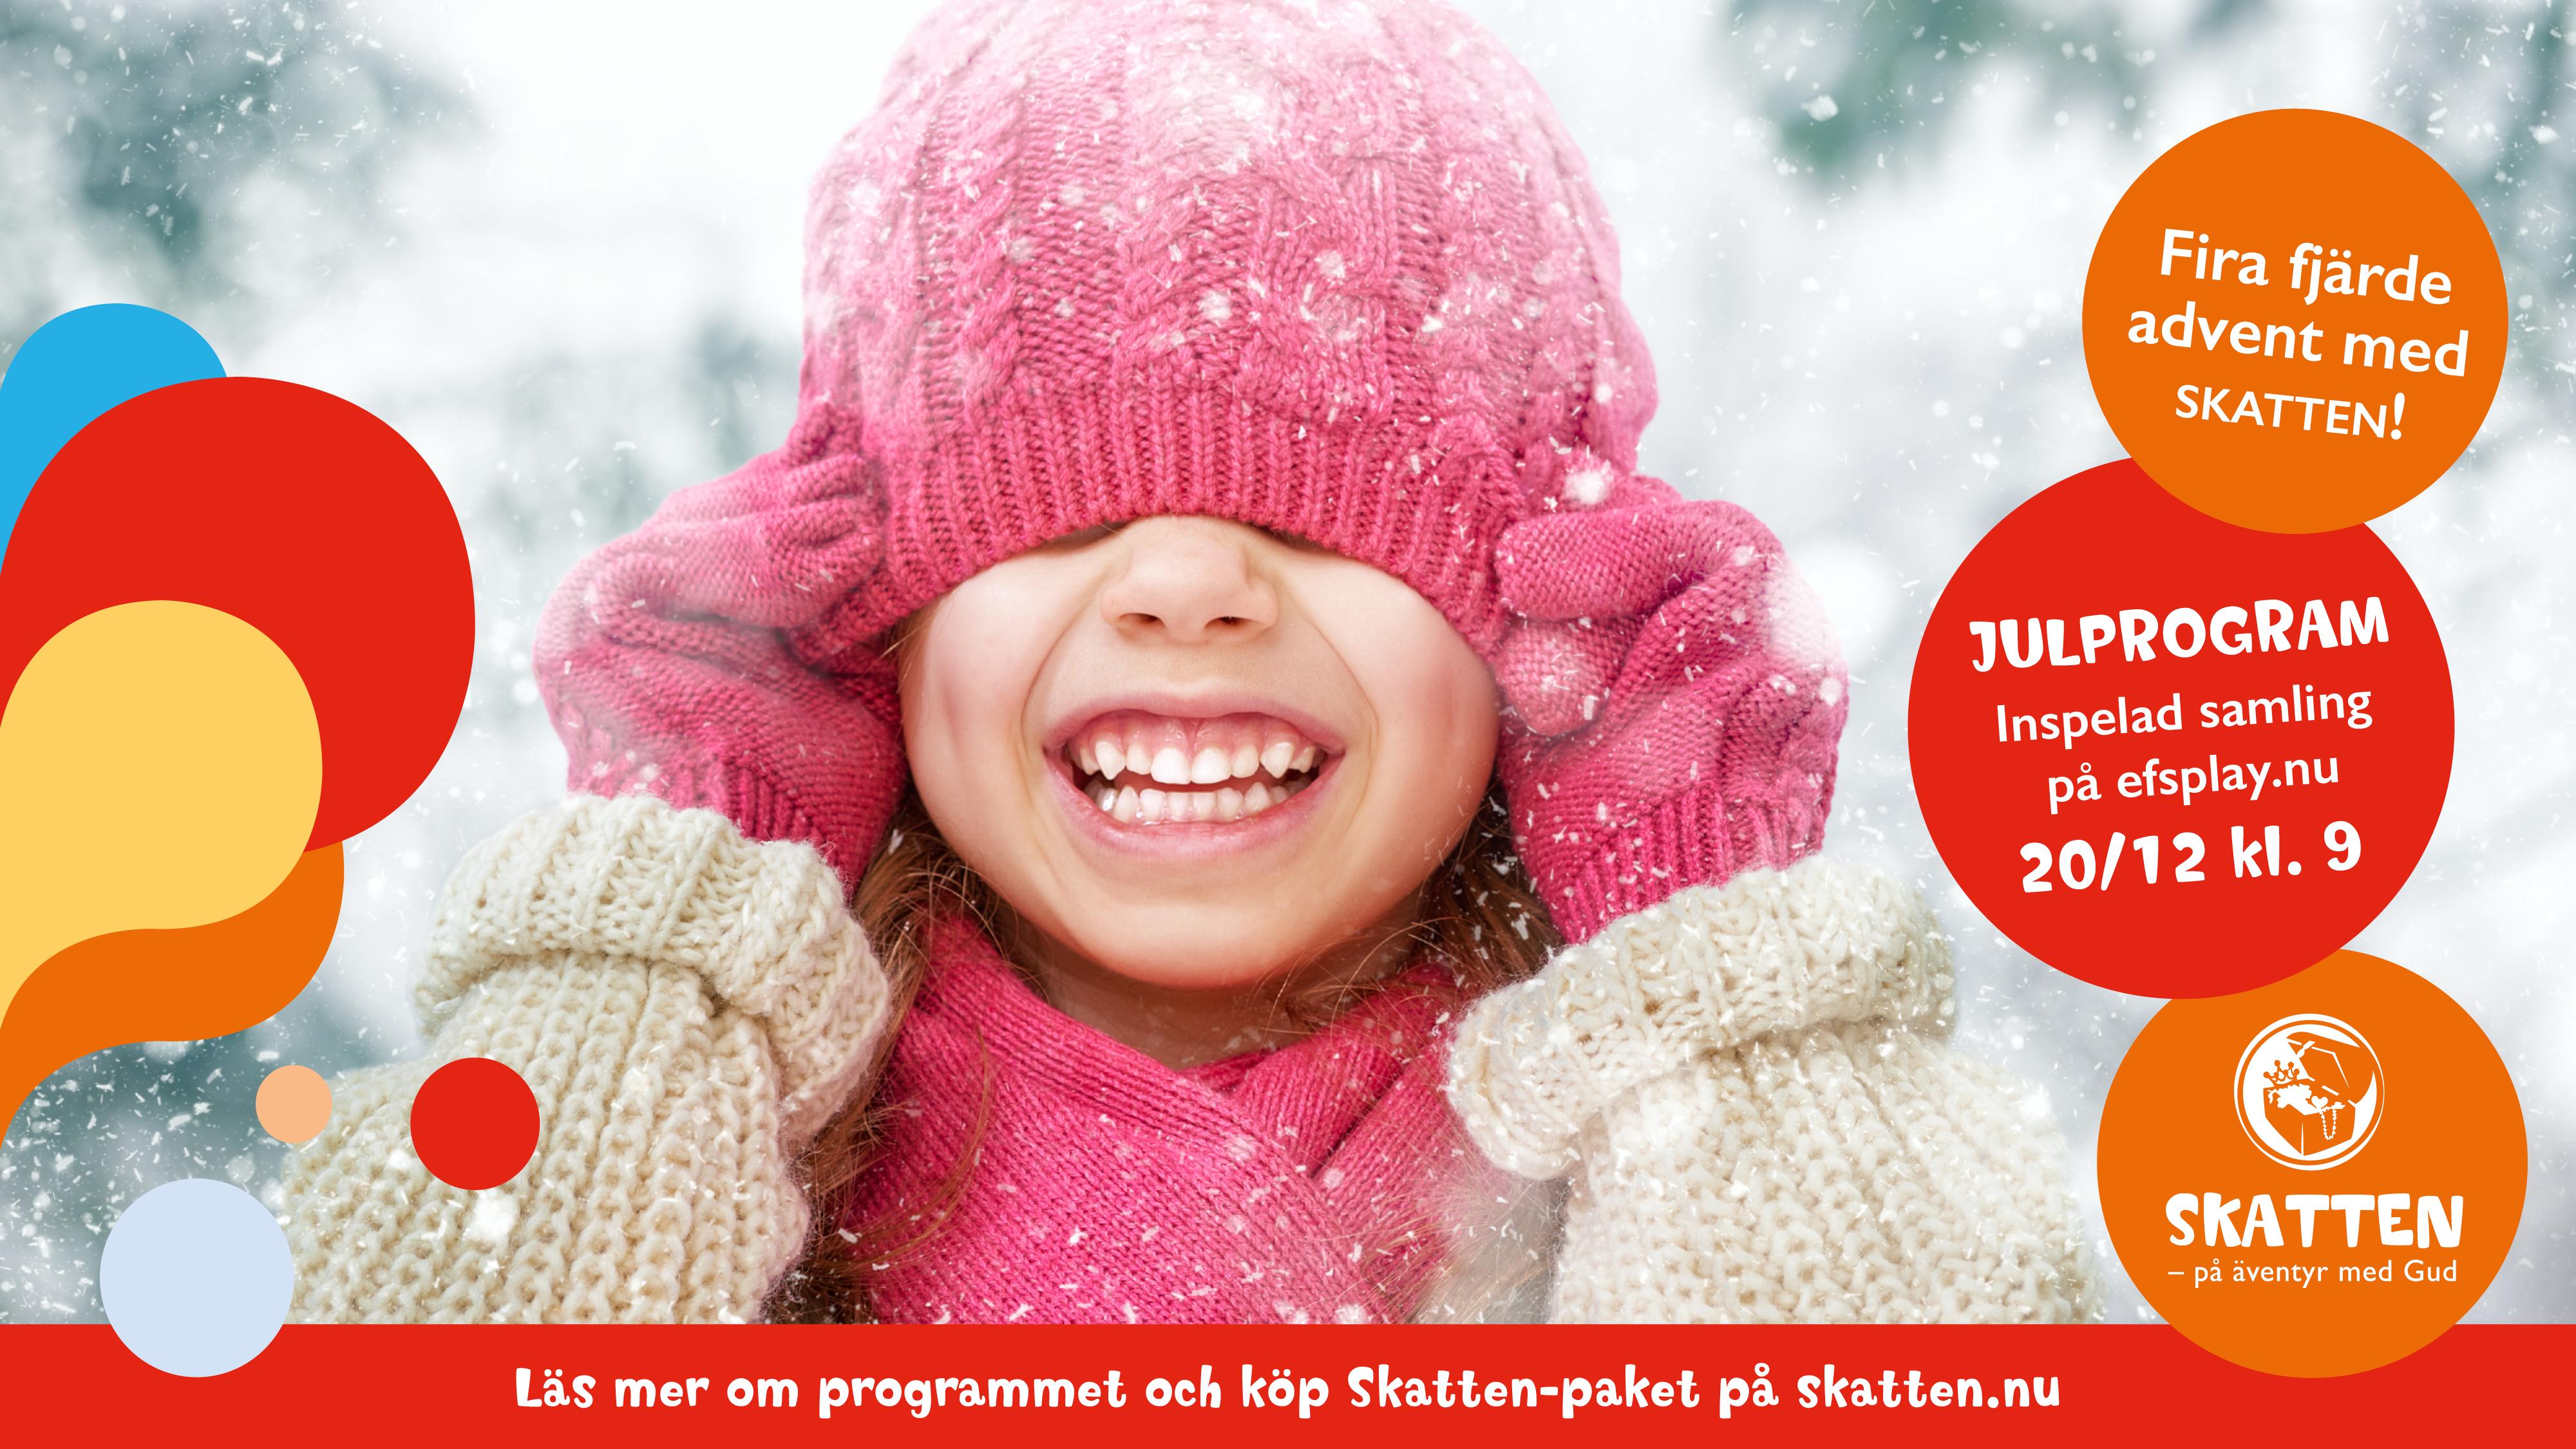 skatten-jul-mail